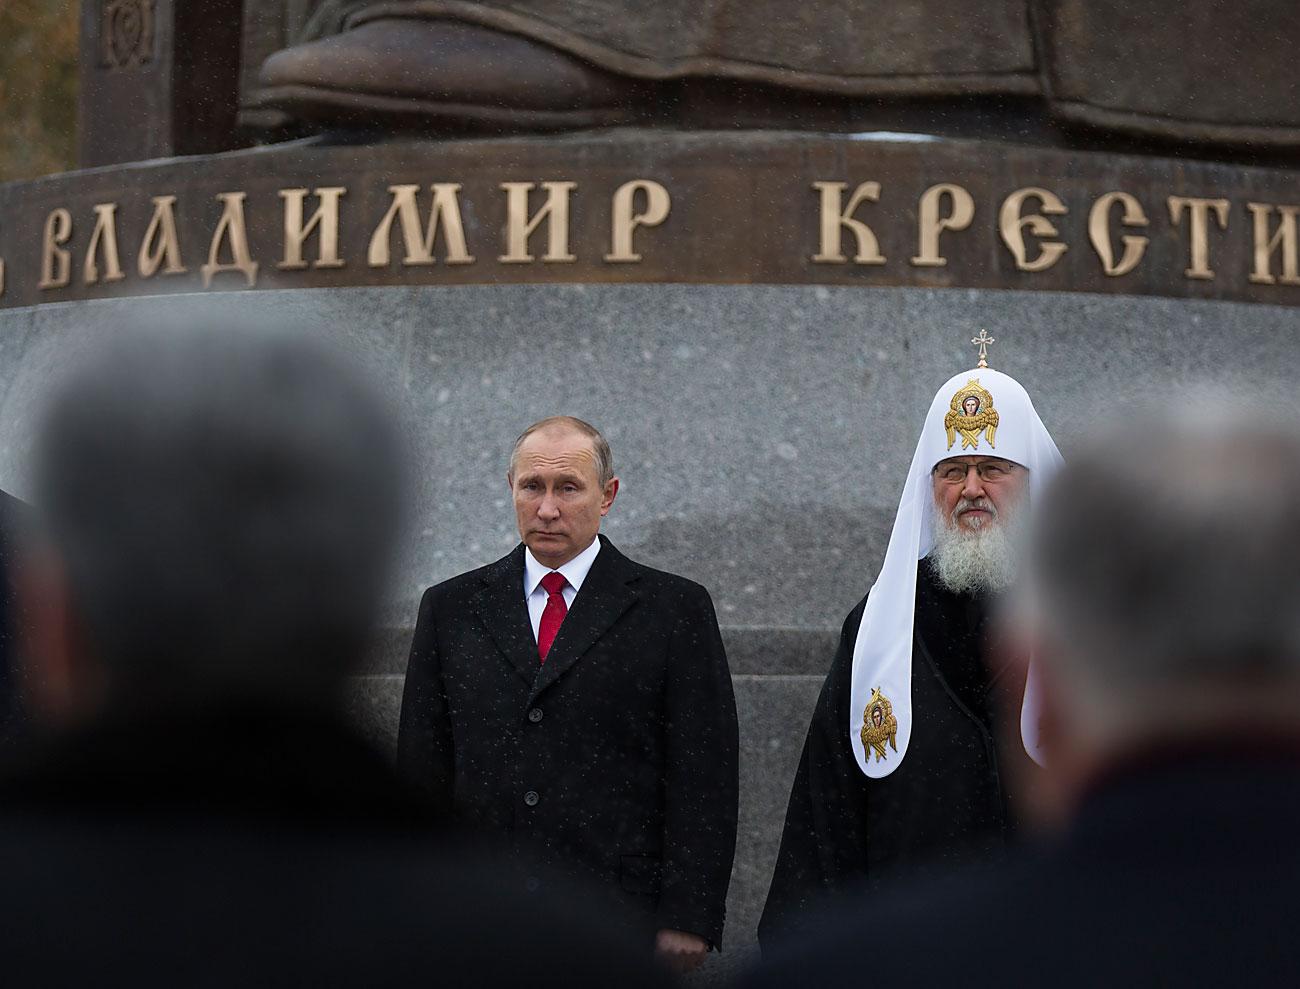 El presidente ruso Vladímir Putin junto al Patriarca Kirill durante la ceremonia de inauguración del monumento a Vladímir I de Kiev, el primer zar que se convirtió al cristianismo en el siglo X, cerca del Kremlin. La ceremonia tuvo lugar el 4 de noviembre, Día de la Unidad Nacional.